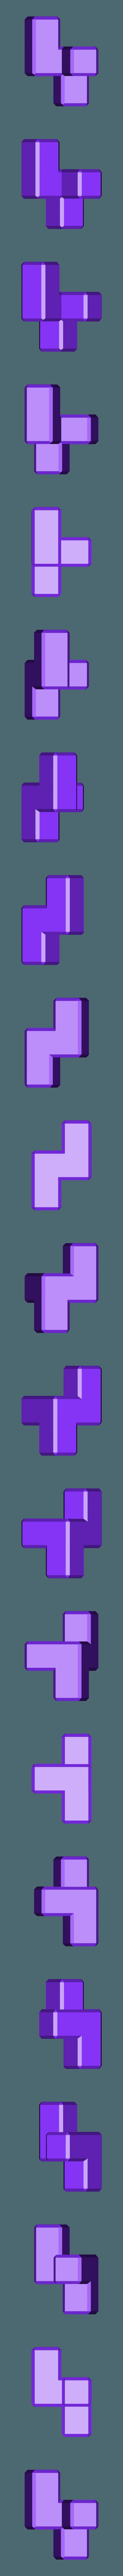 Puzzle Piece 9.stl Download free STL file 4x4 Puzzle Cube • 3D printer model, FerryTeacher